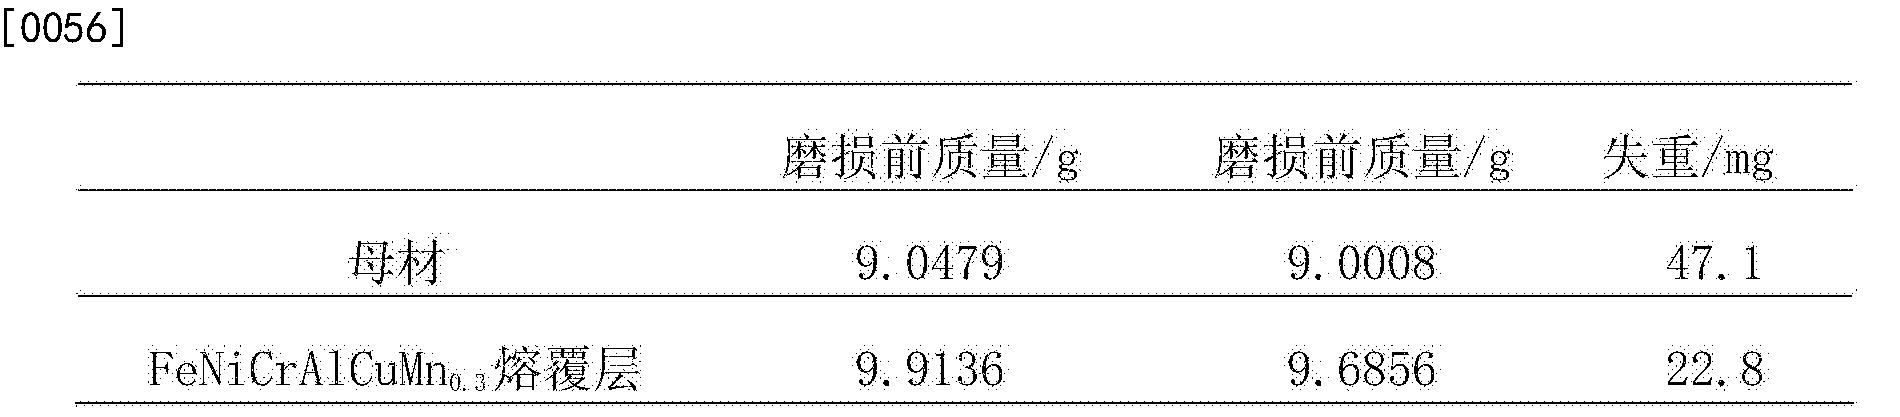 Figure CN104141127BD00072